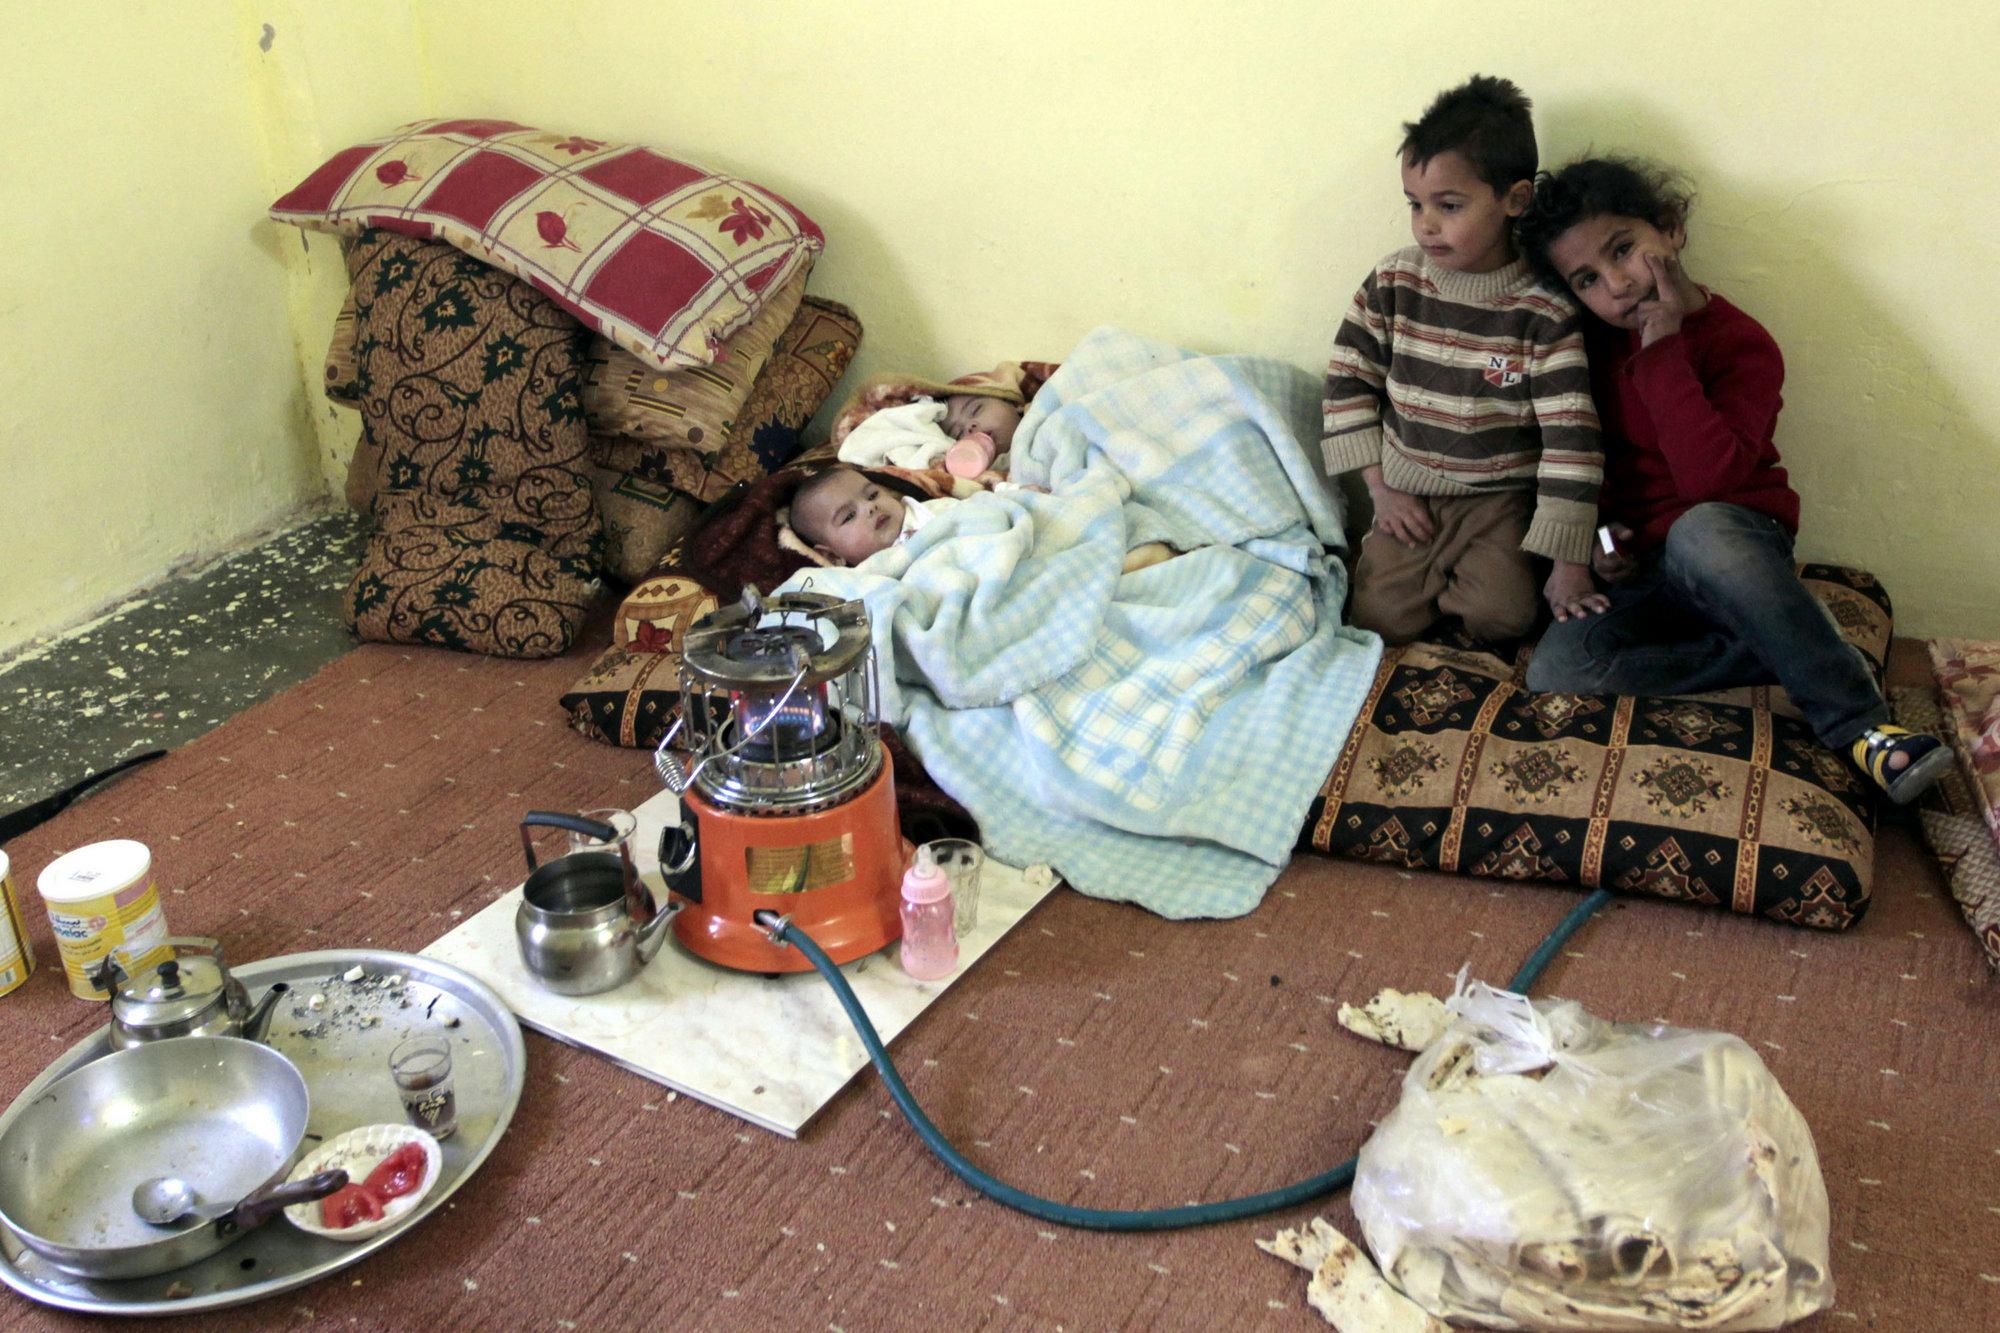 La ONU y la UE exigen a Siria que permita el acceso urgente de ayuda humanitaria